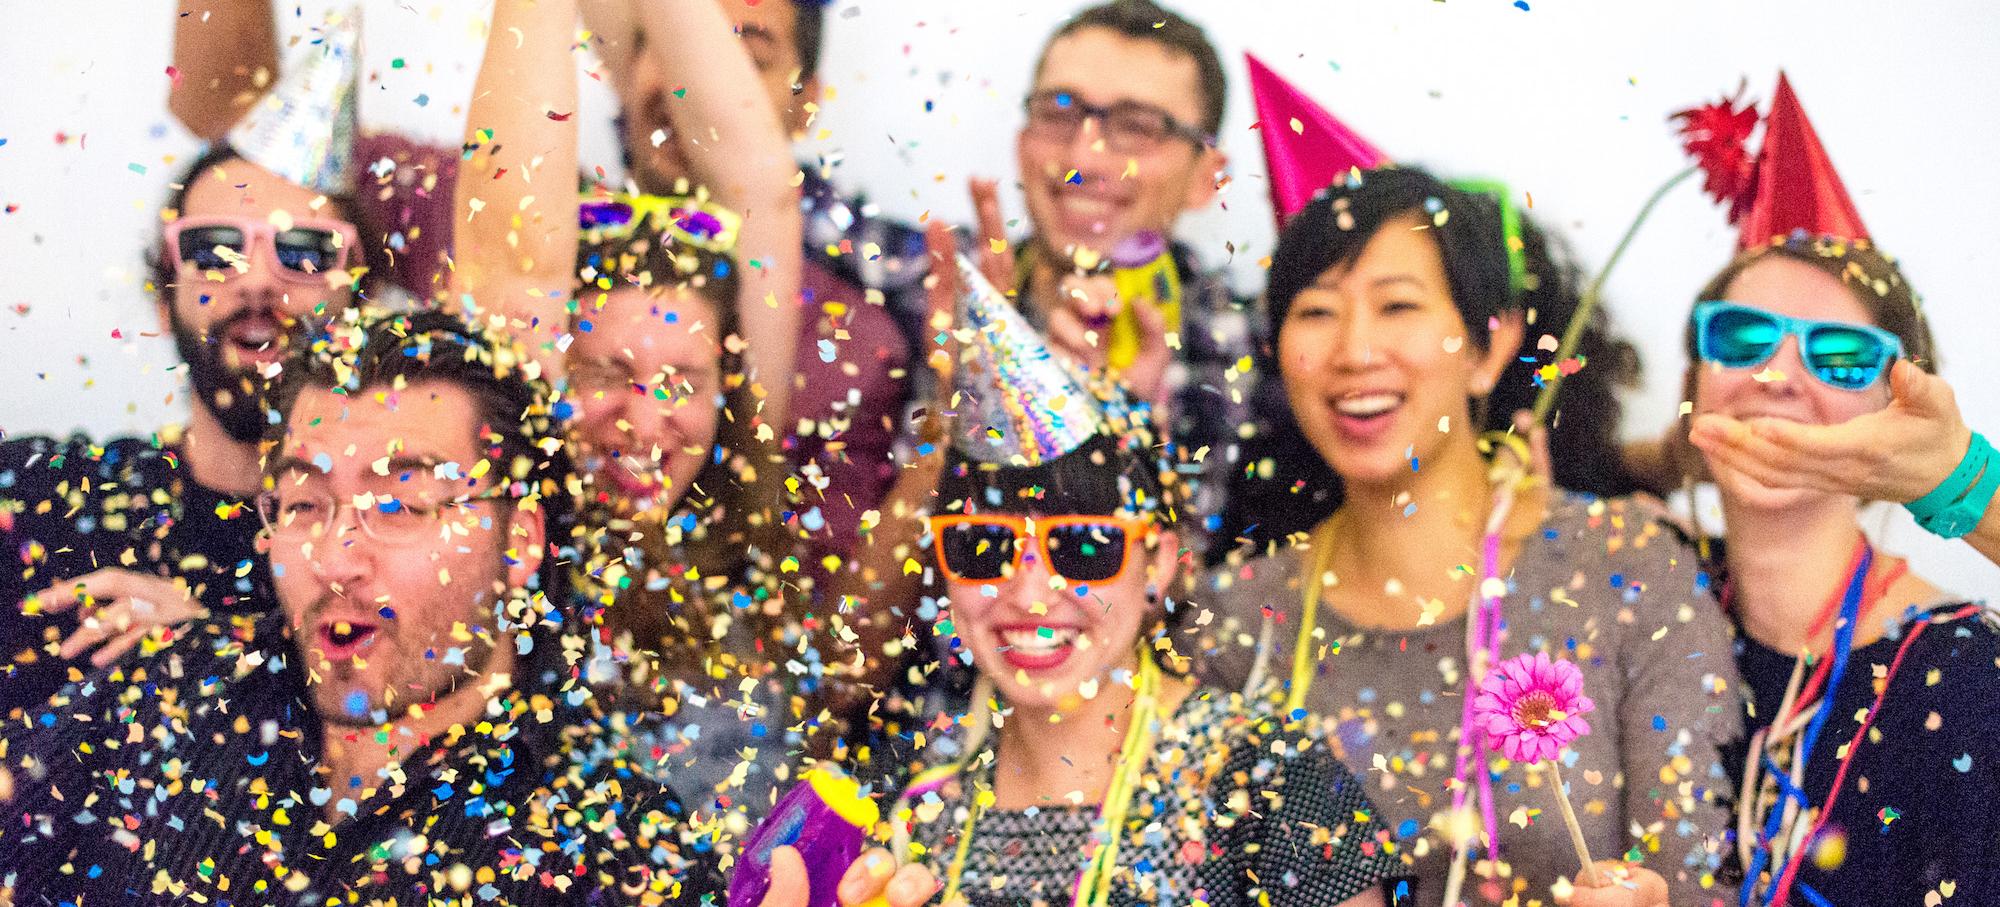 Decoraci n fiesta 50 cumplea os online env o en 24 horas - Decoracion fiesta 18 cumpleanos ...